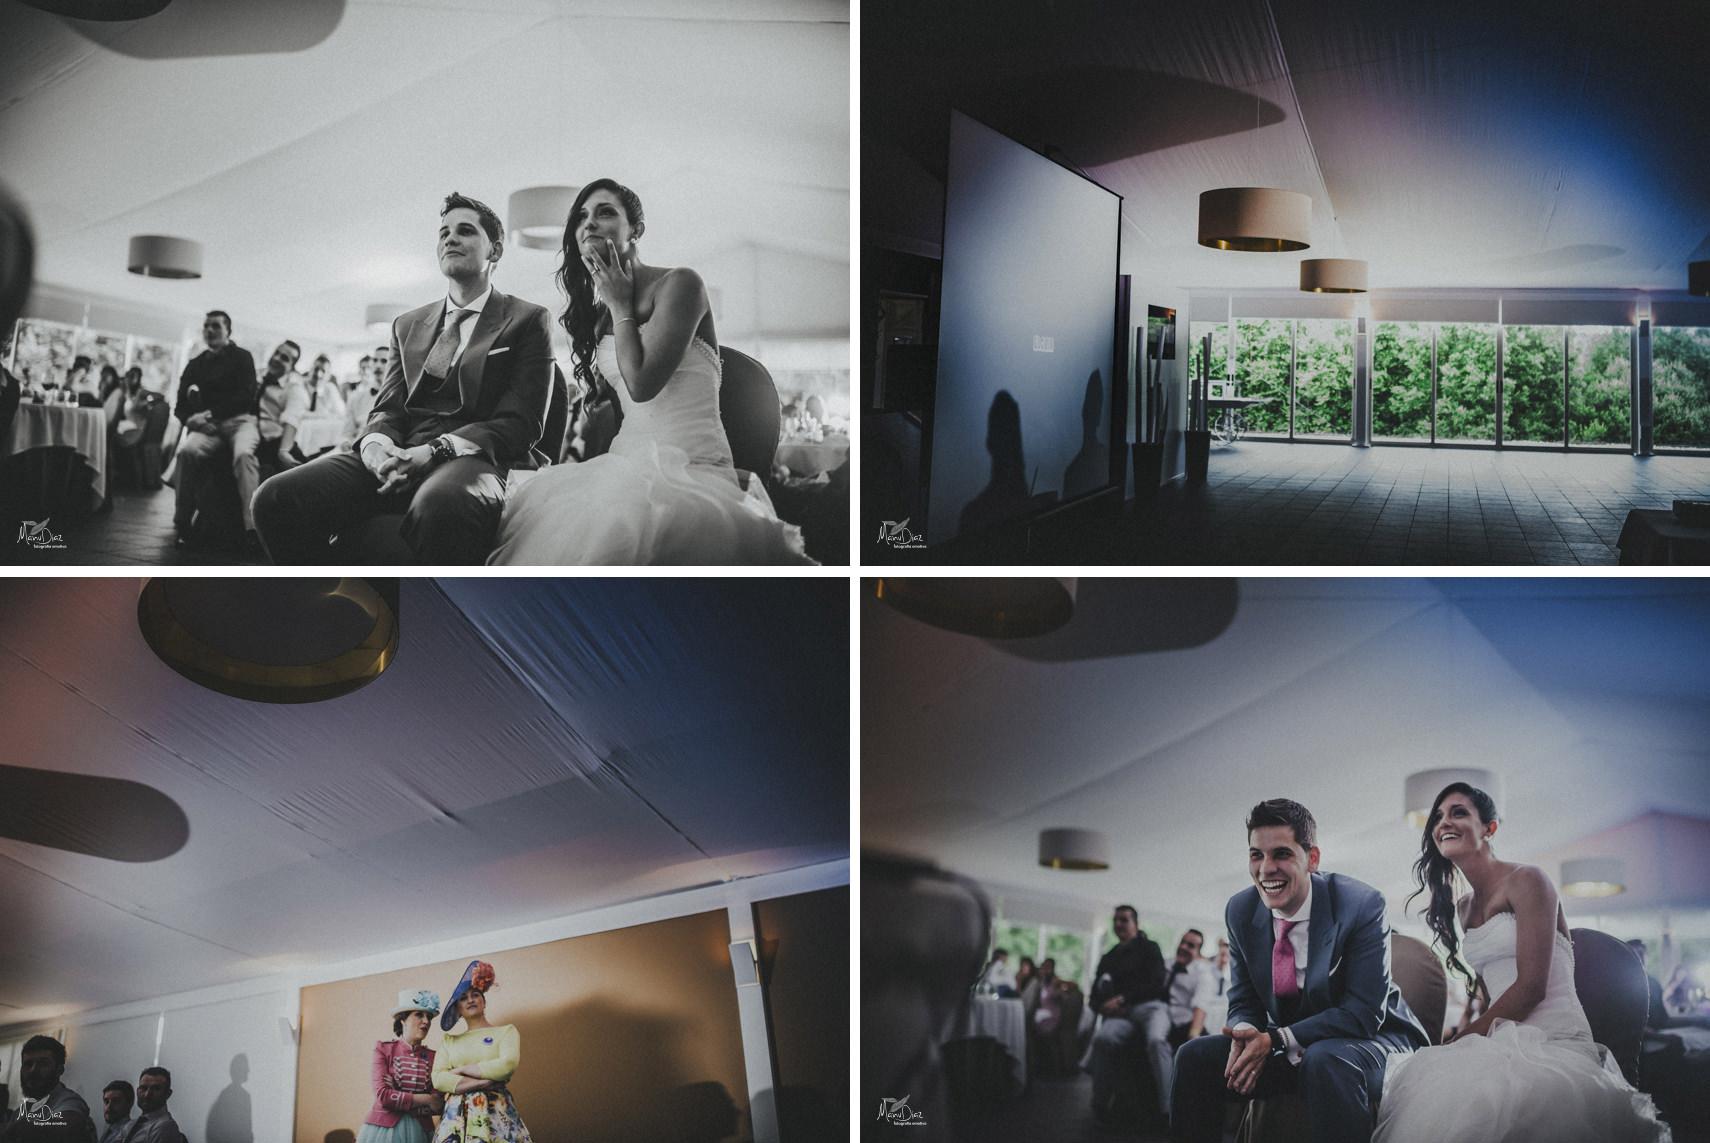 manu_diaz_fotografia_emotiva_fotografo_boda_lugo_acoruña_santiago_ourense_pontevedra_boda_galicia__boda_LD-143